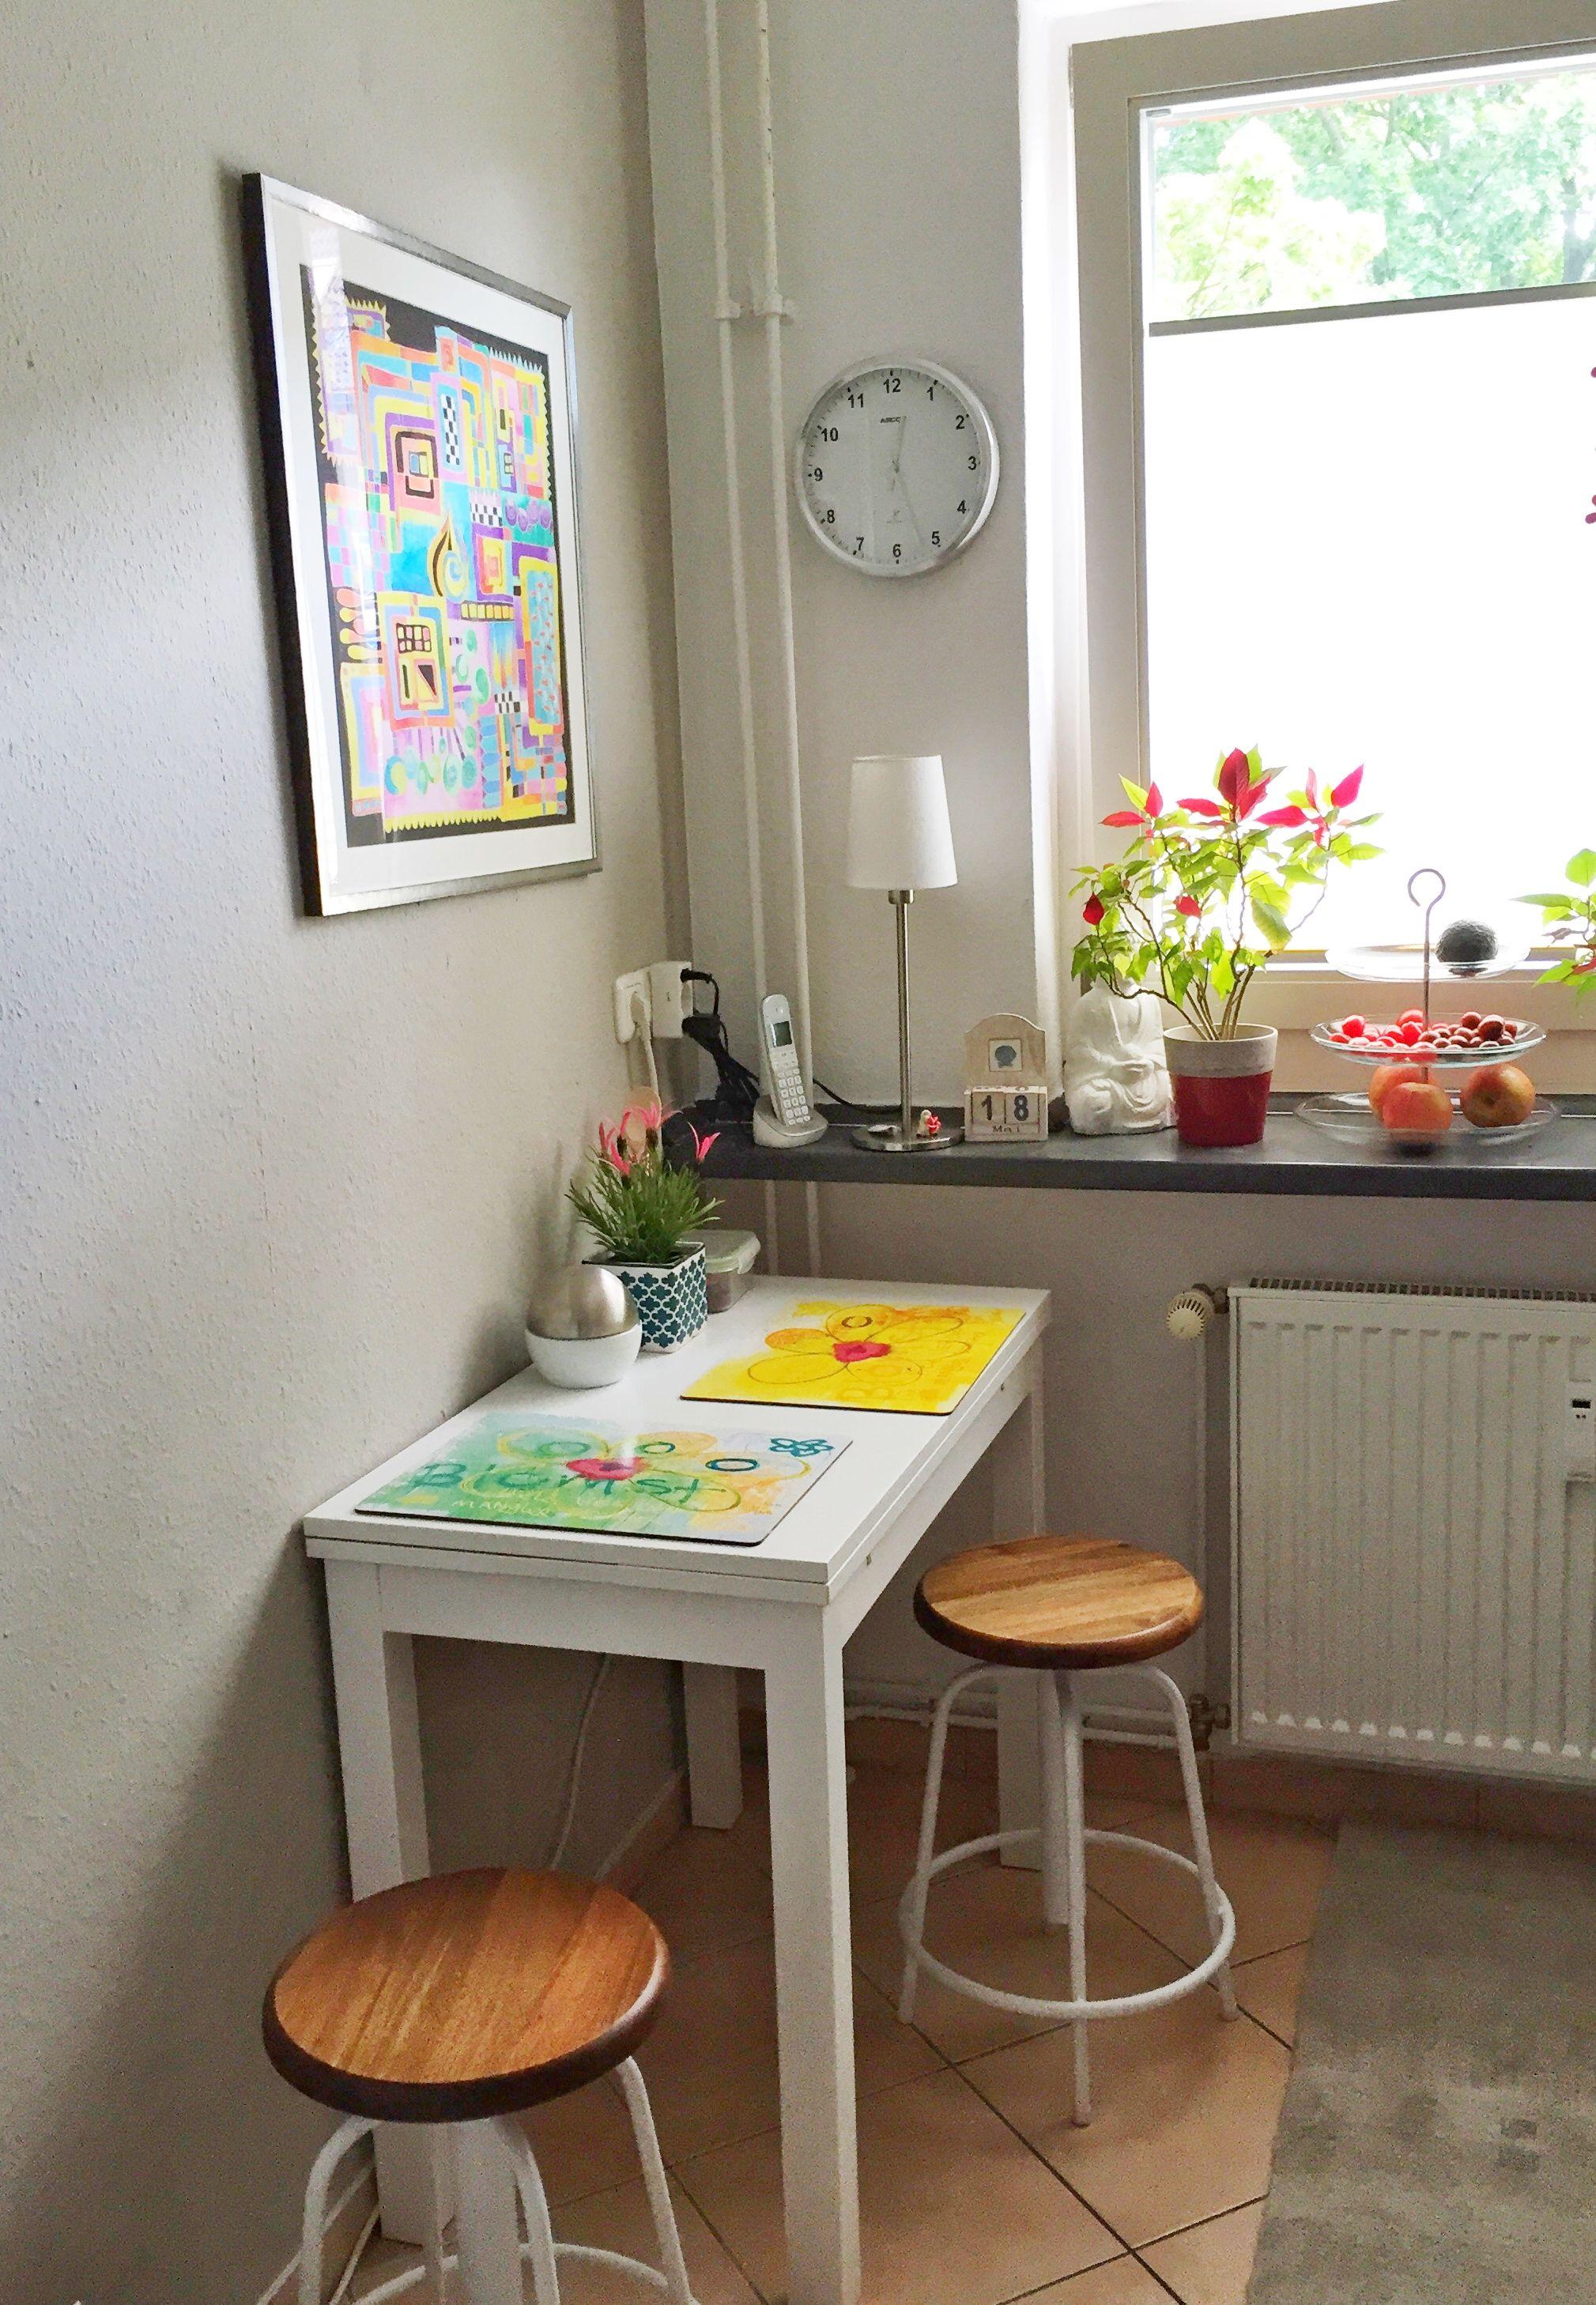 Lieblingsplatz Meine Kleine Kuche Esstisch Klein Kuche Kleine Kuche Esstisch Retro Esstisch